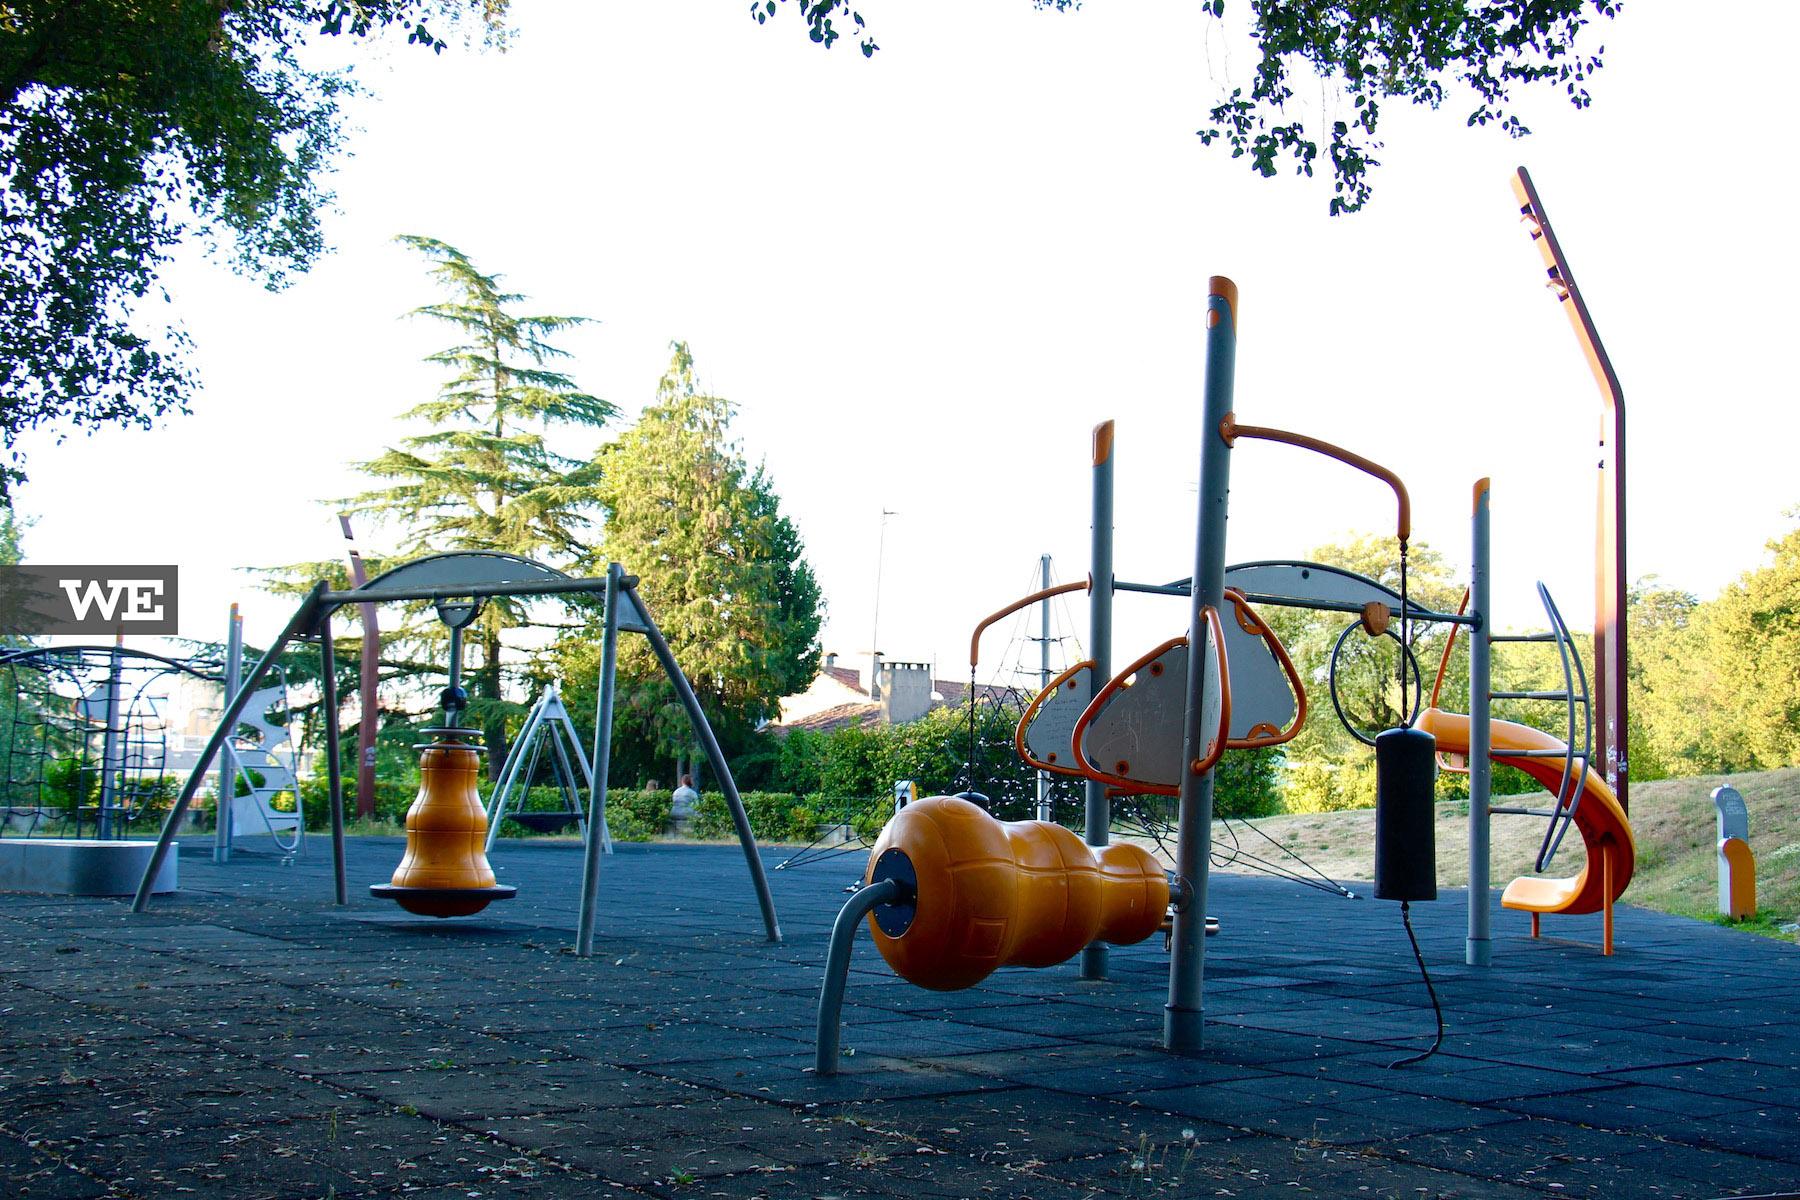 we-braga-parque-da-ponte-infantil